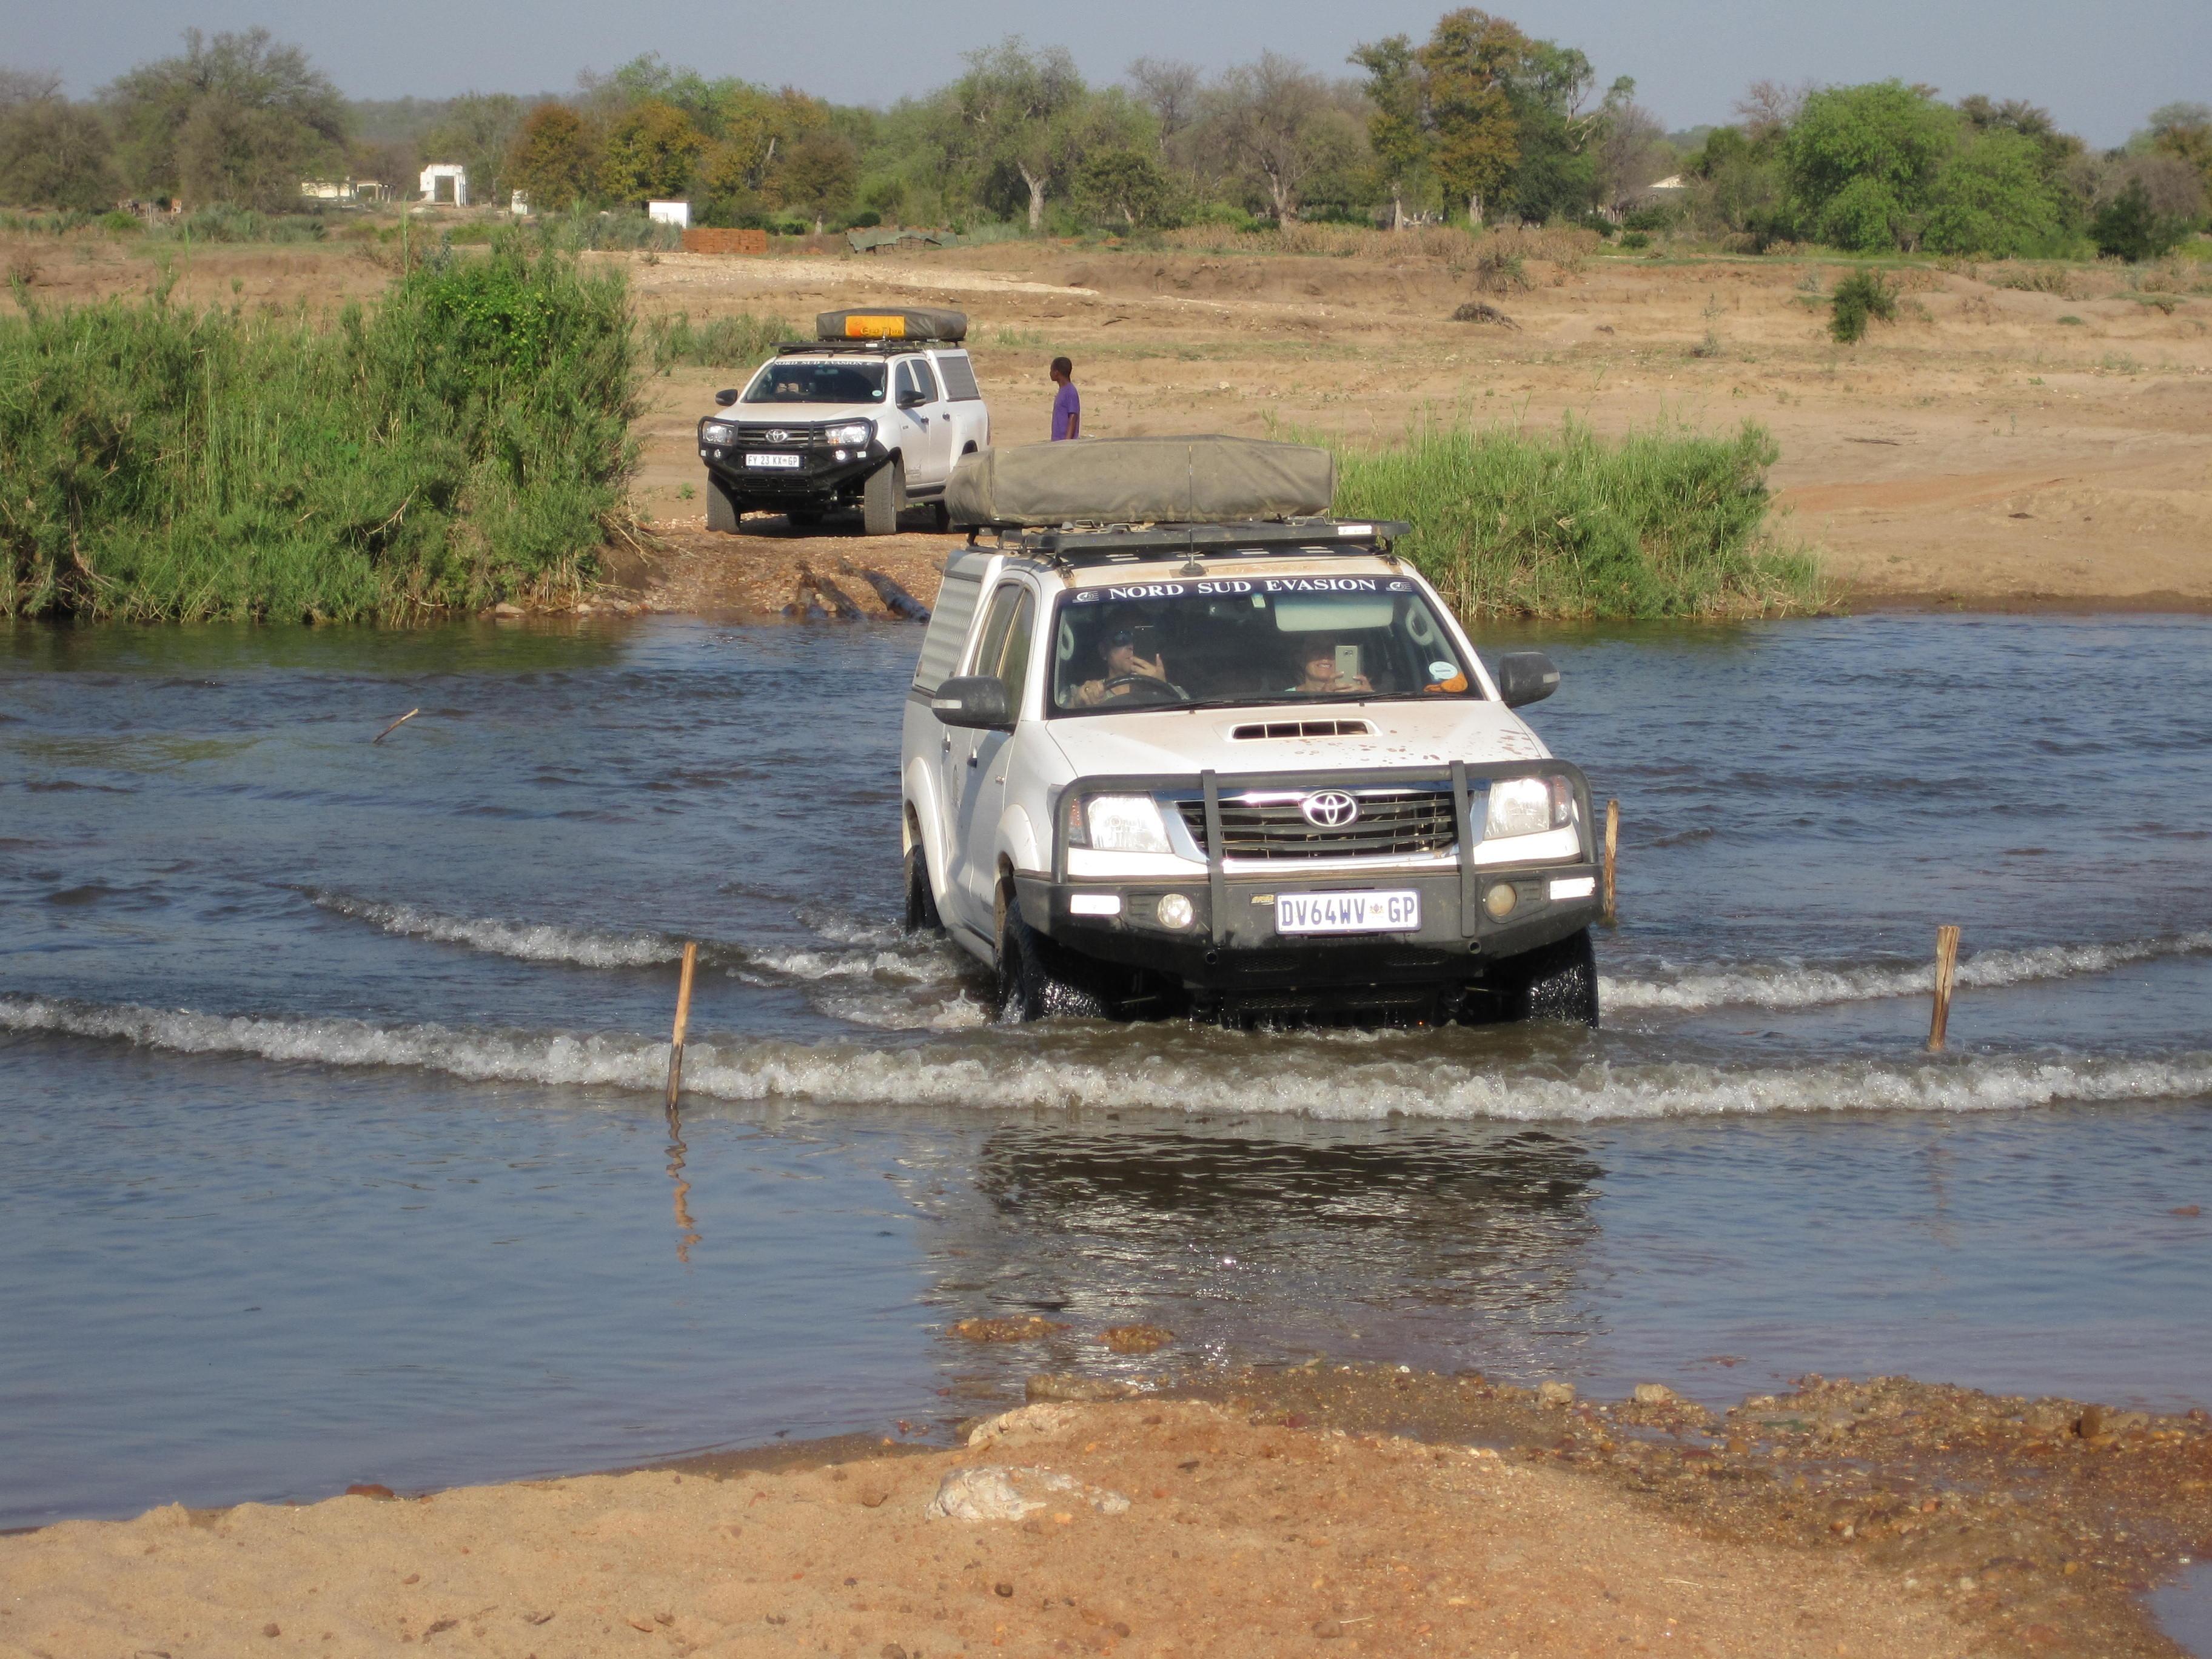 4x4 traversant la rivière Limpopo pendant le raid 4x4 Mozambica au Mozambique, octobre 2020